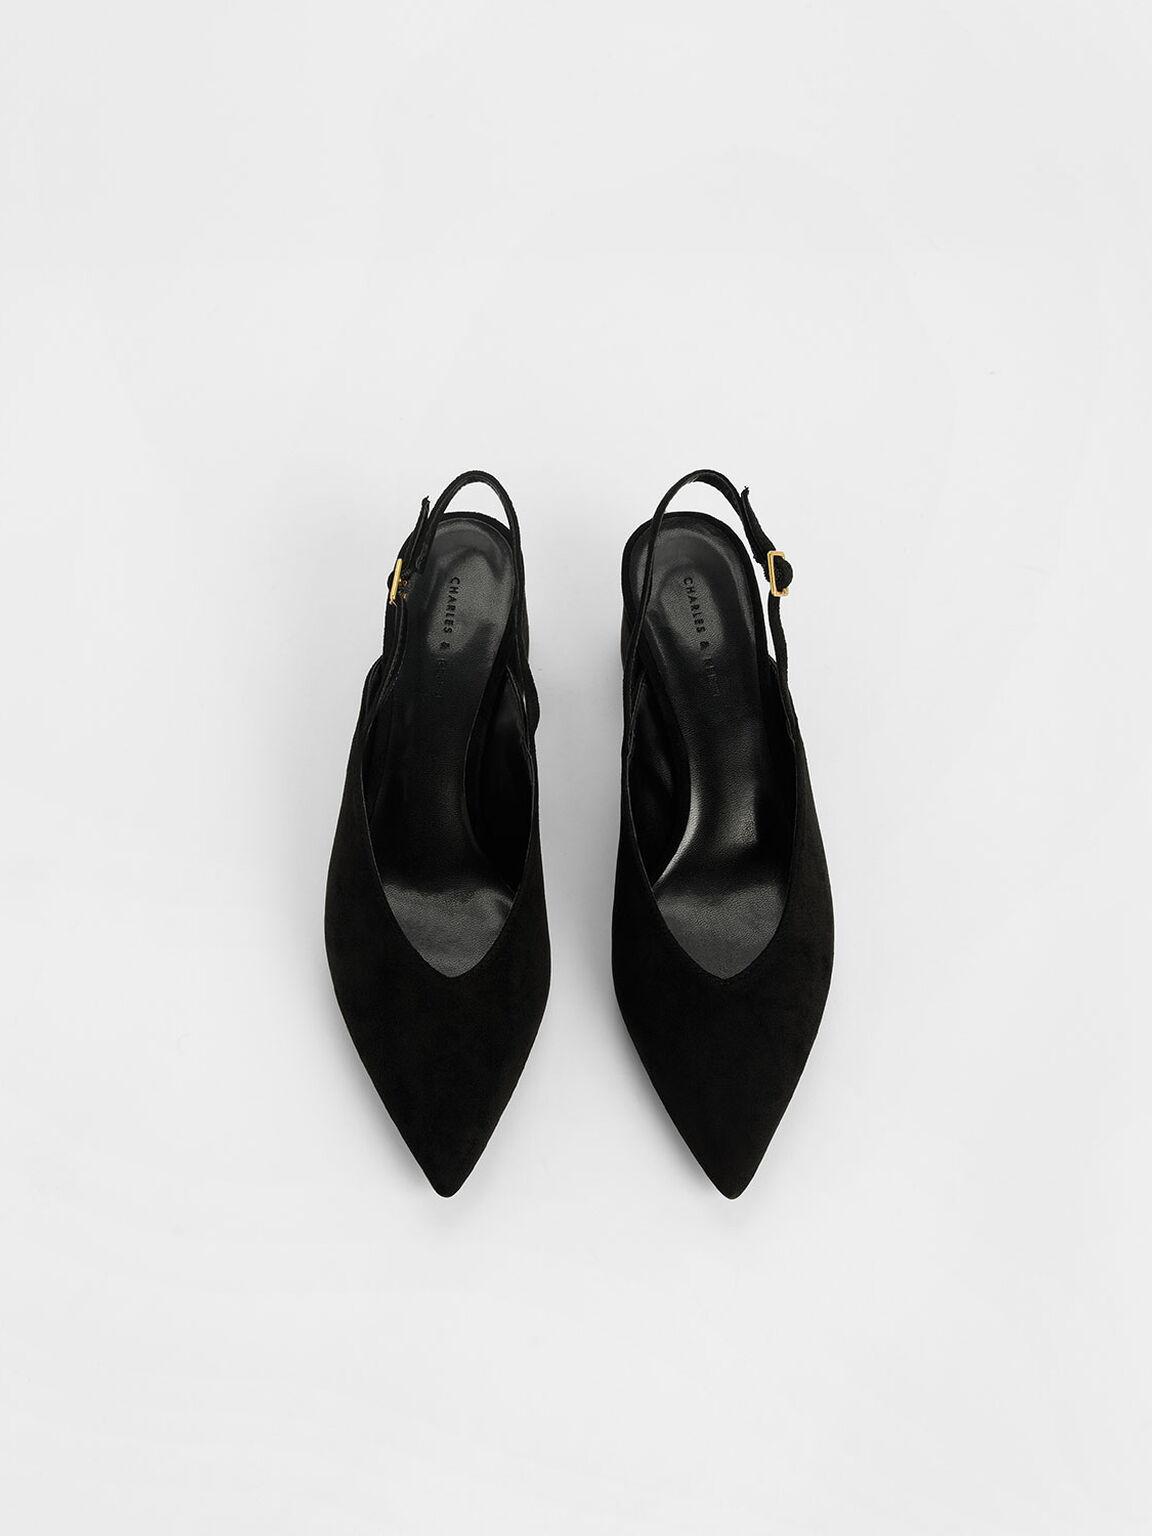 Textured V-Cut Block Heel Slingback Pumps, Black Textured, hi-res